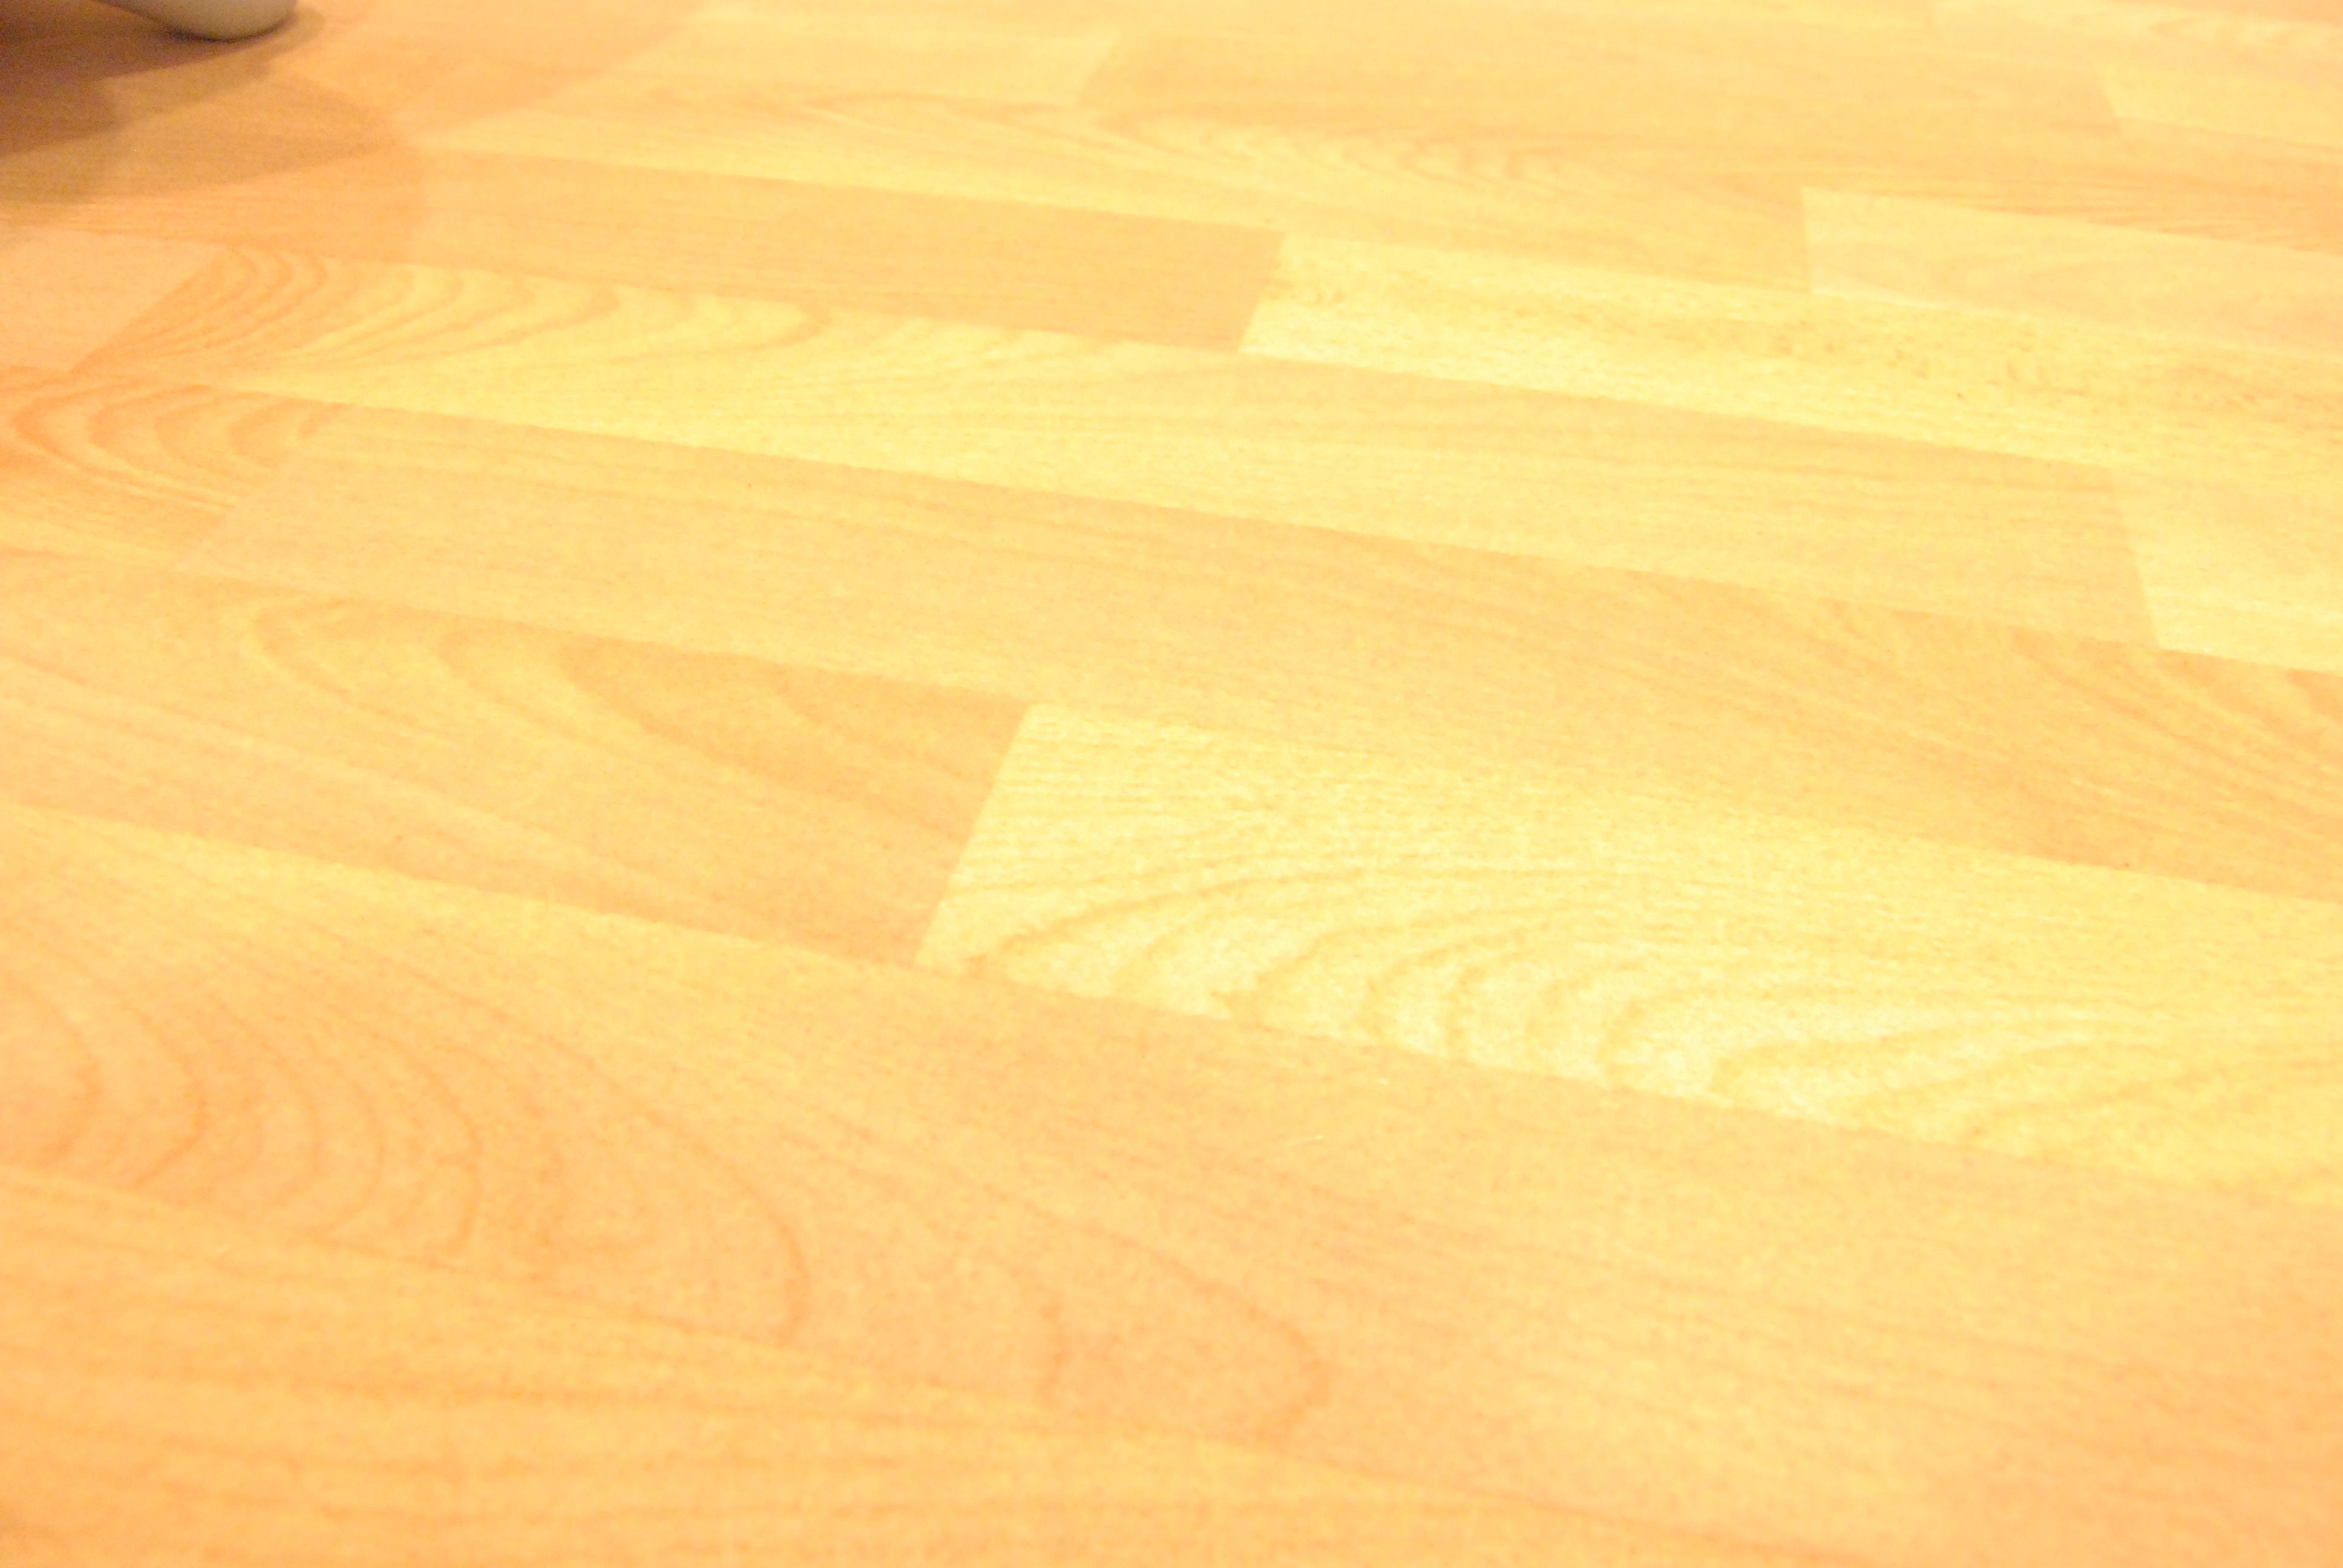 木目調のカーペット